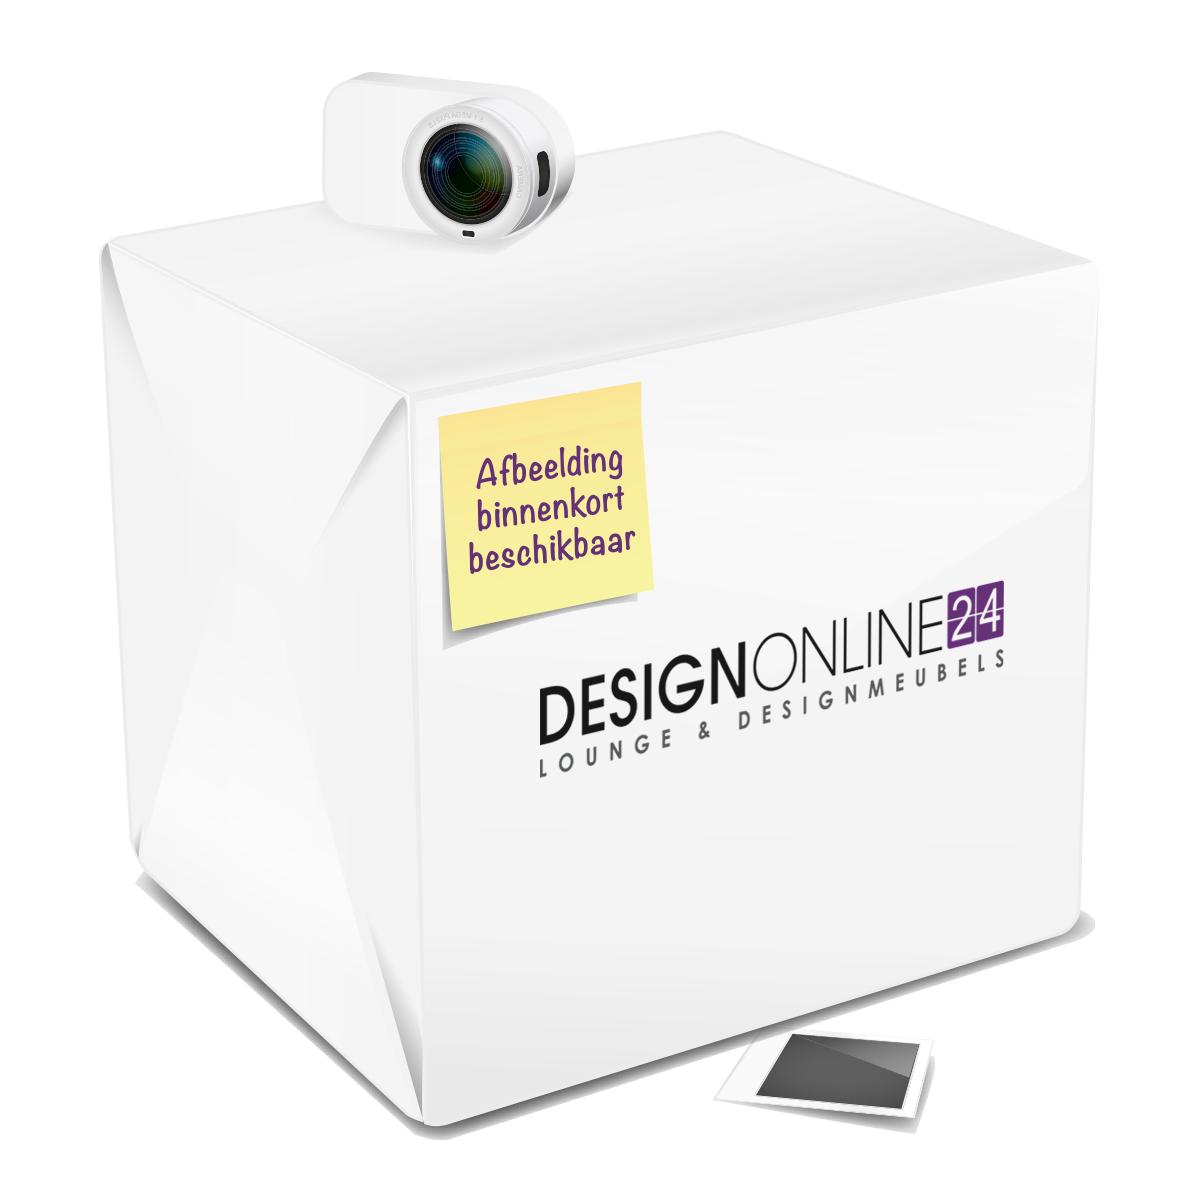 24Designs Set (2) Ligbedden Extravaganza Deluxe - 200 cm - Ivoor